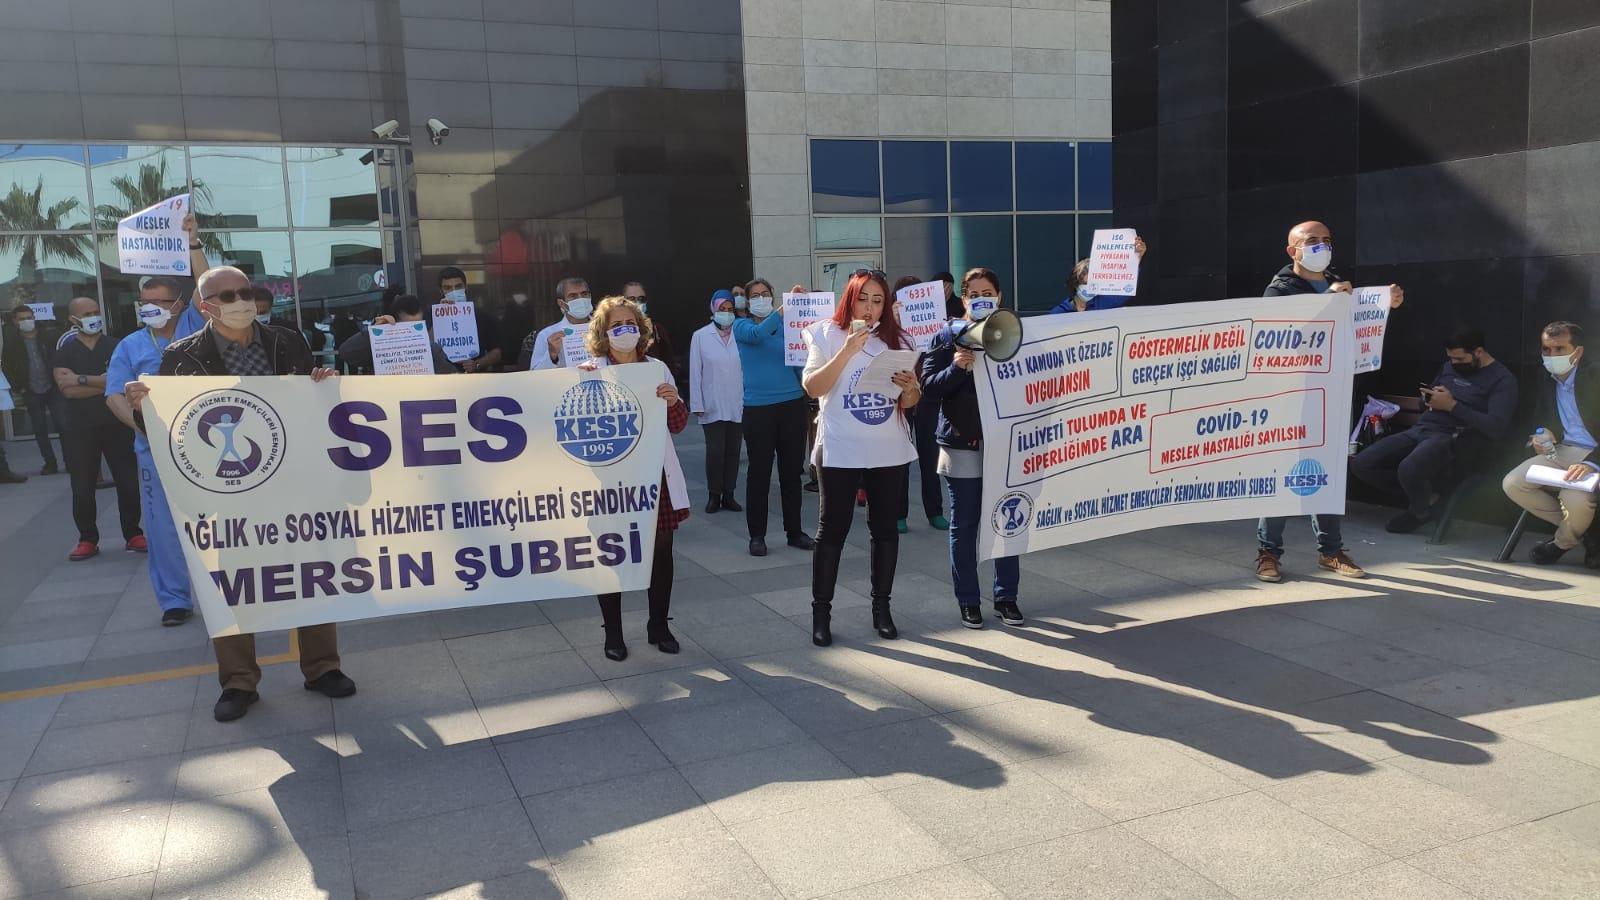 Mersin Şubemizden Şehir Hastanesi Önünde Eylem